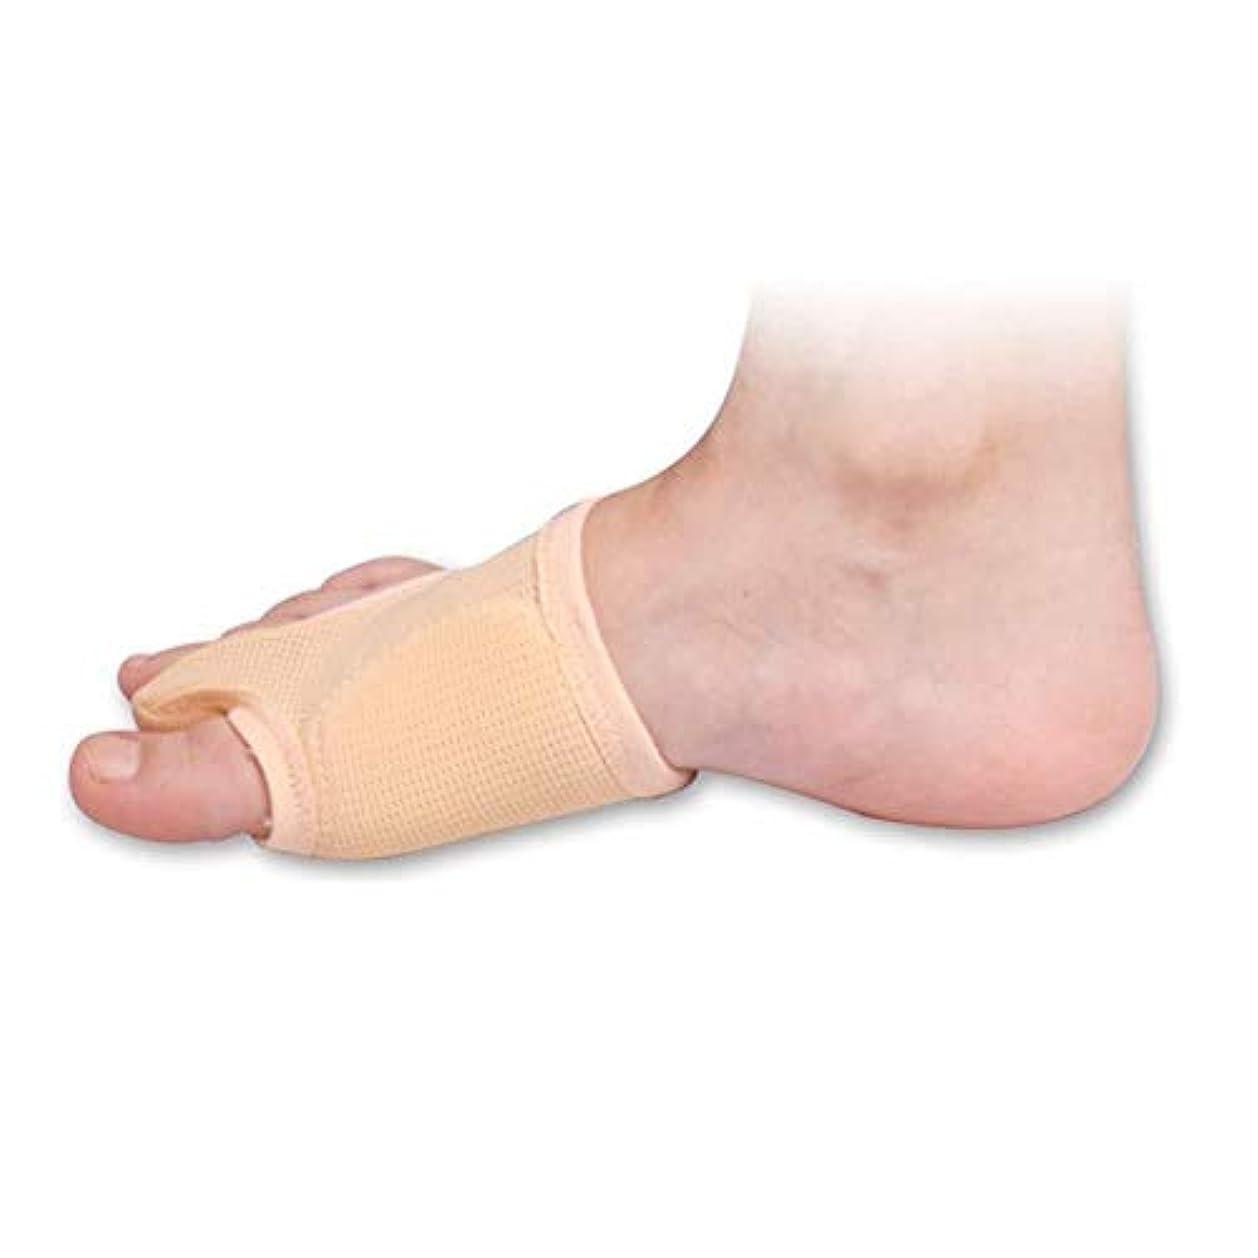 ジョットディボンドン即席重大外反母ortho装具、外反母separatorセパレーターつま先セパレーター超ソフトで快適なハンマーヘッドの痛み,Right Foot-S